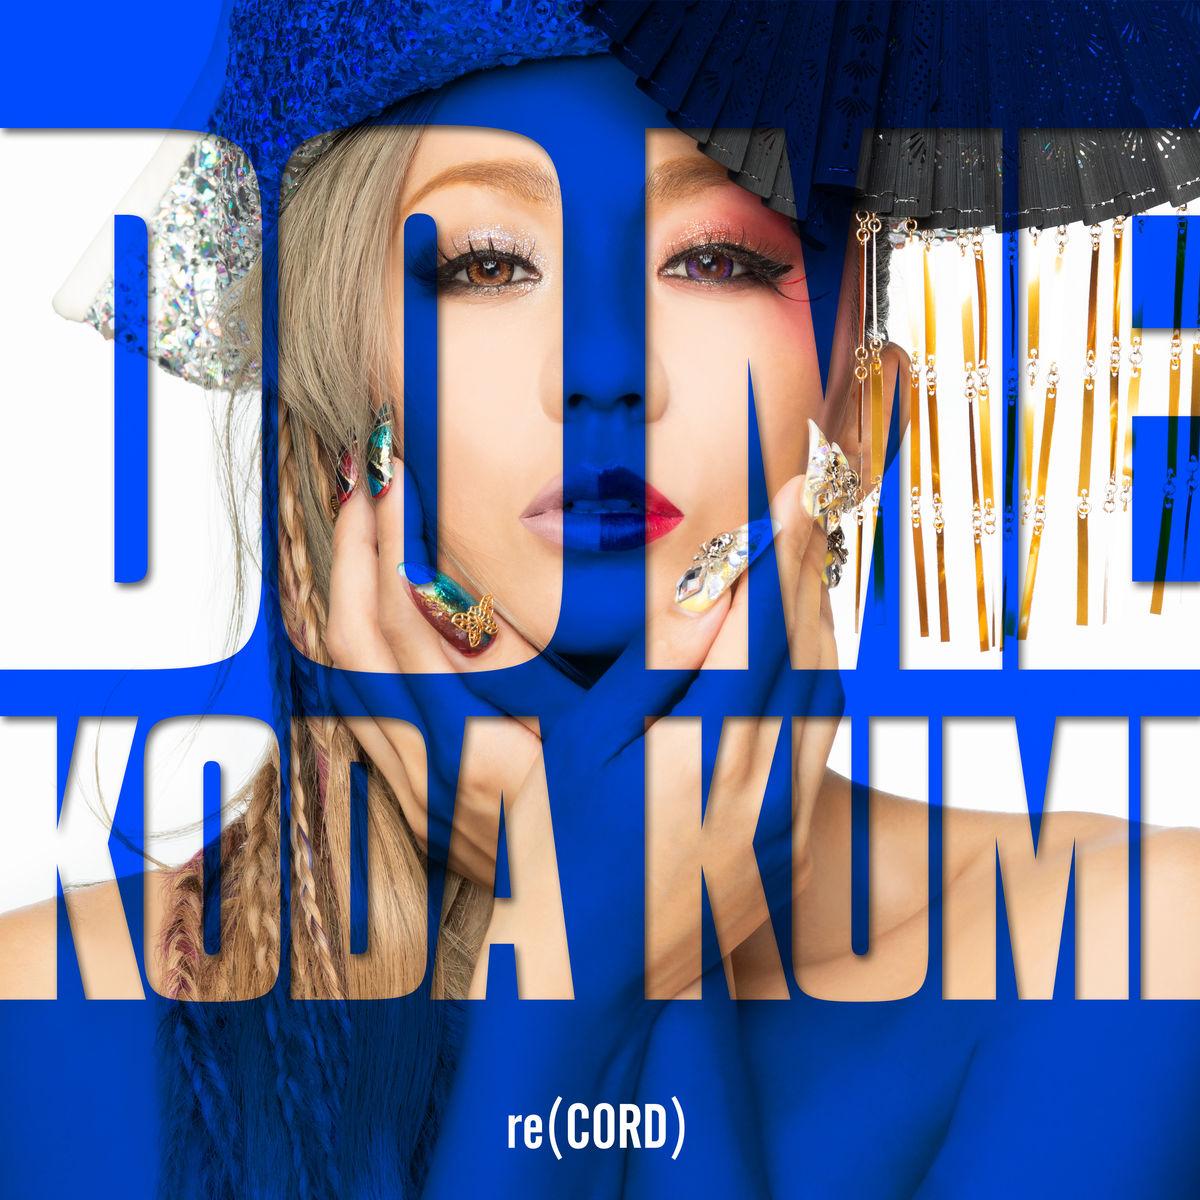 『倖田來未 - DO ME』収録の『DO ME』ジャケット